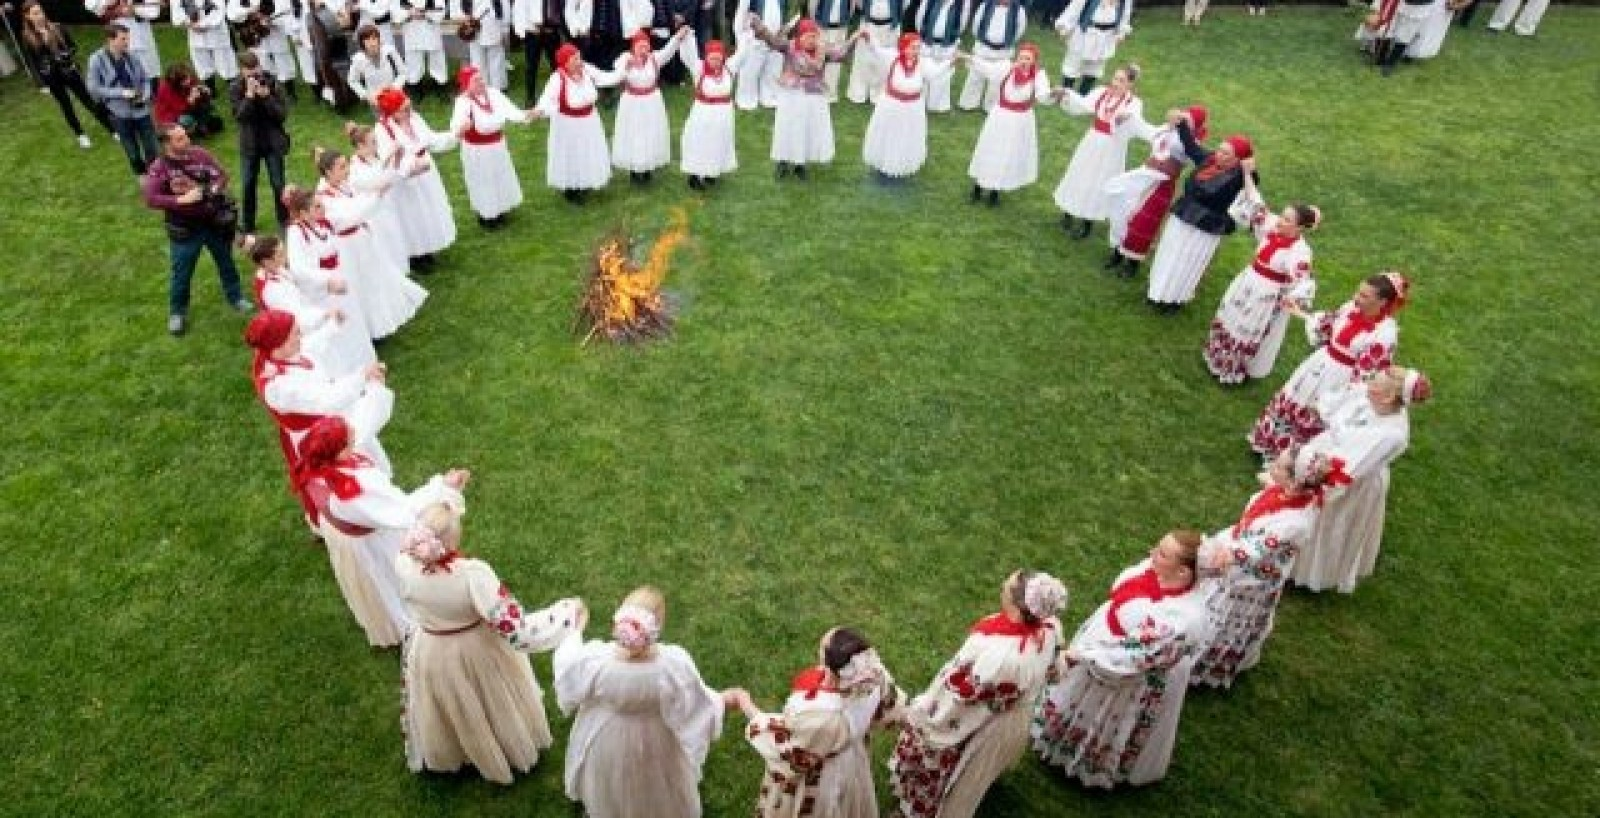 St. George's festivities in Turopolje (Jurjevo)